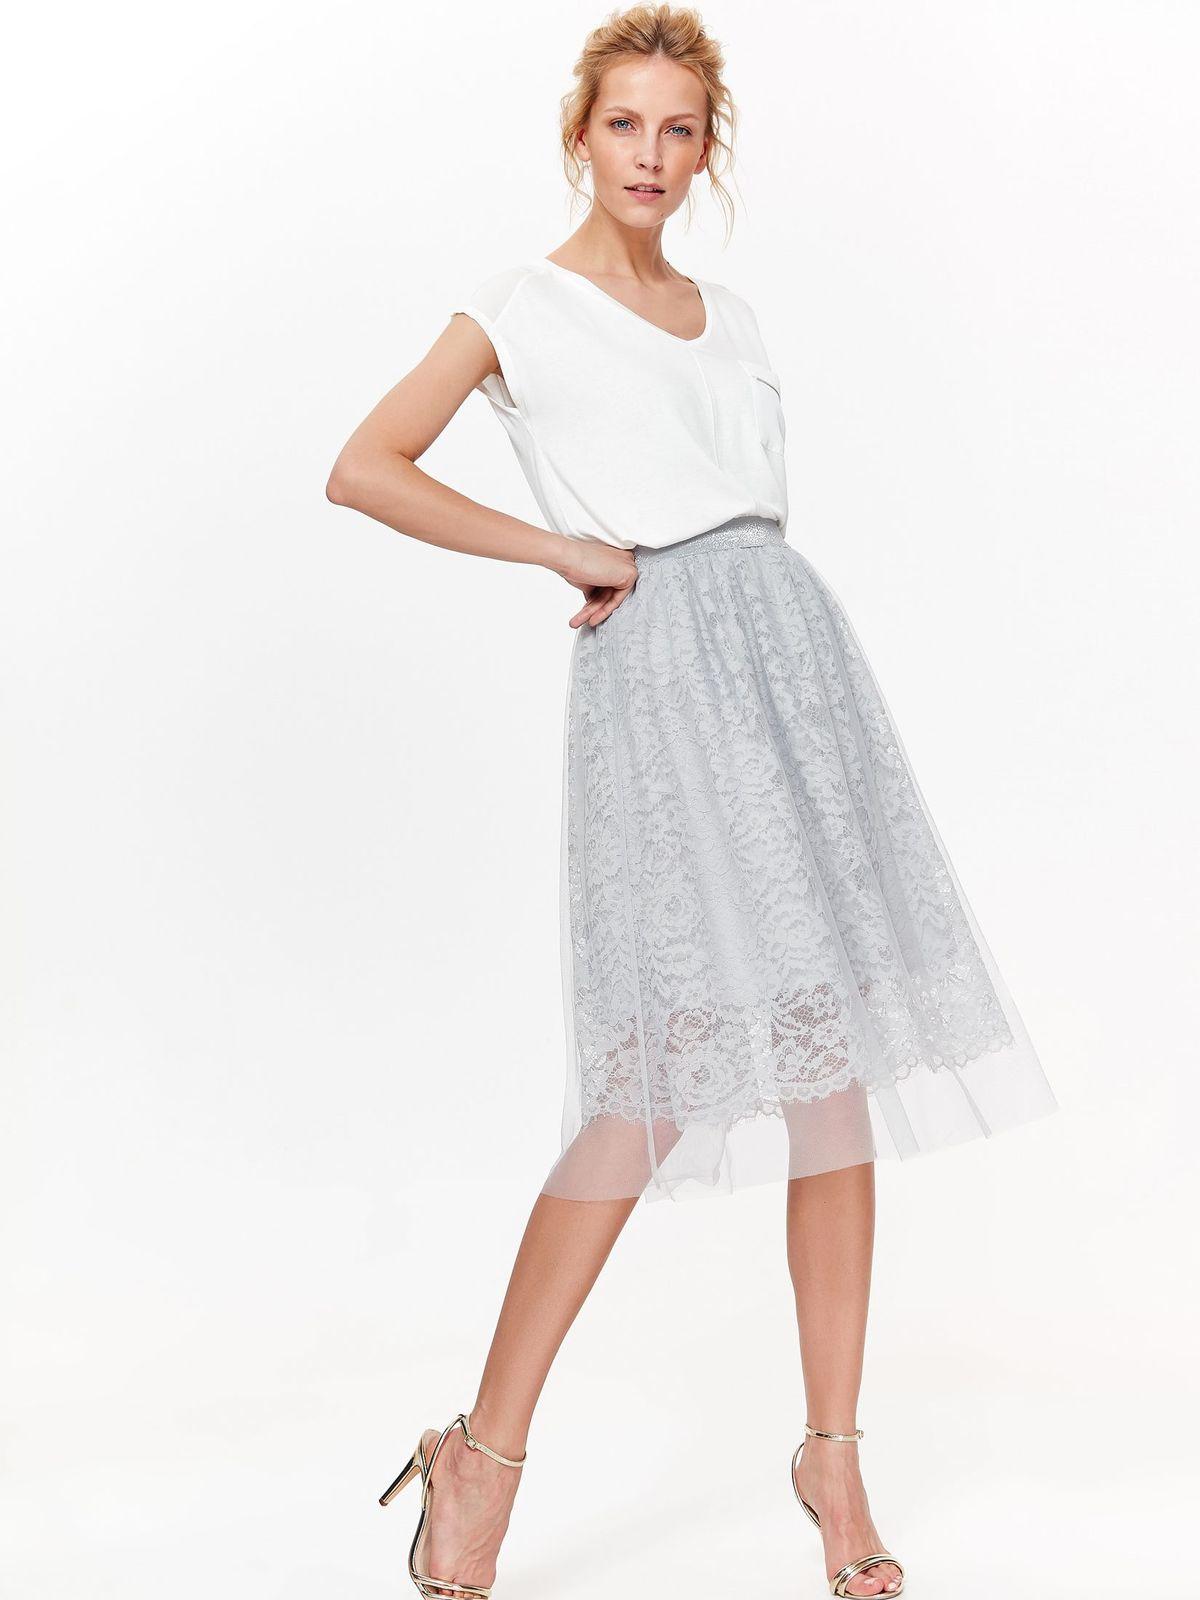 Style Icon Boutique - Ταξινομημένα Προϊόντα - Φθηνότερα Προϊόντα - Σελίδα  126  93c4306778e